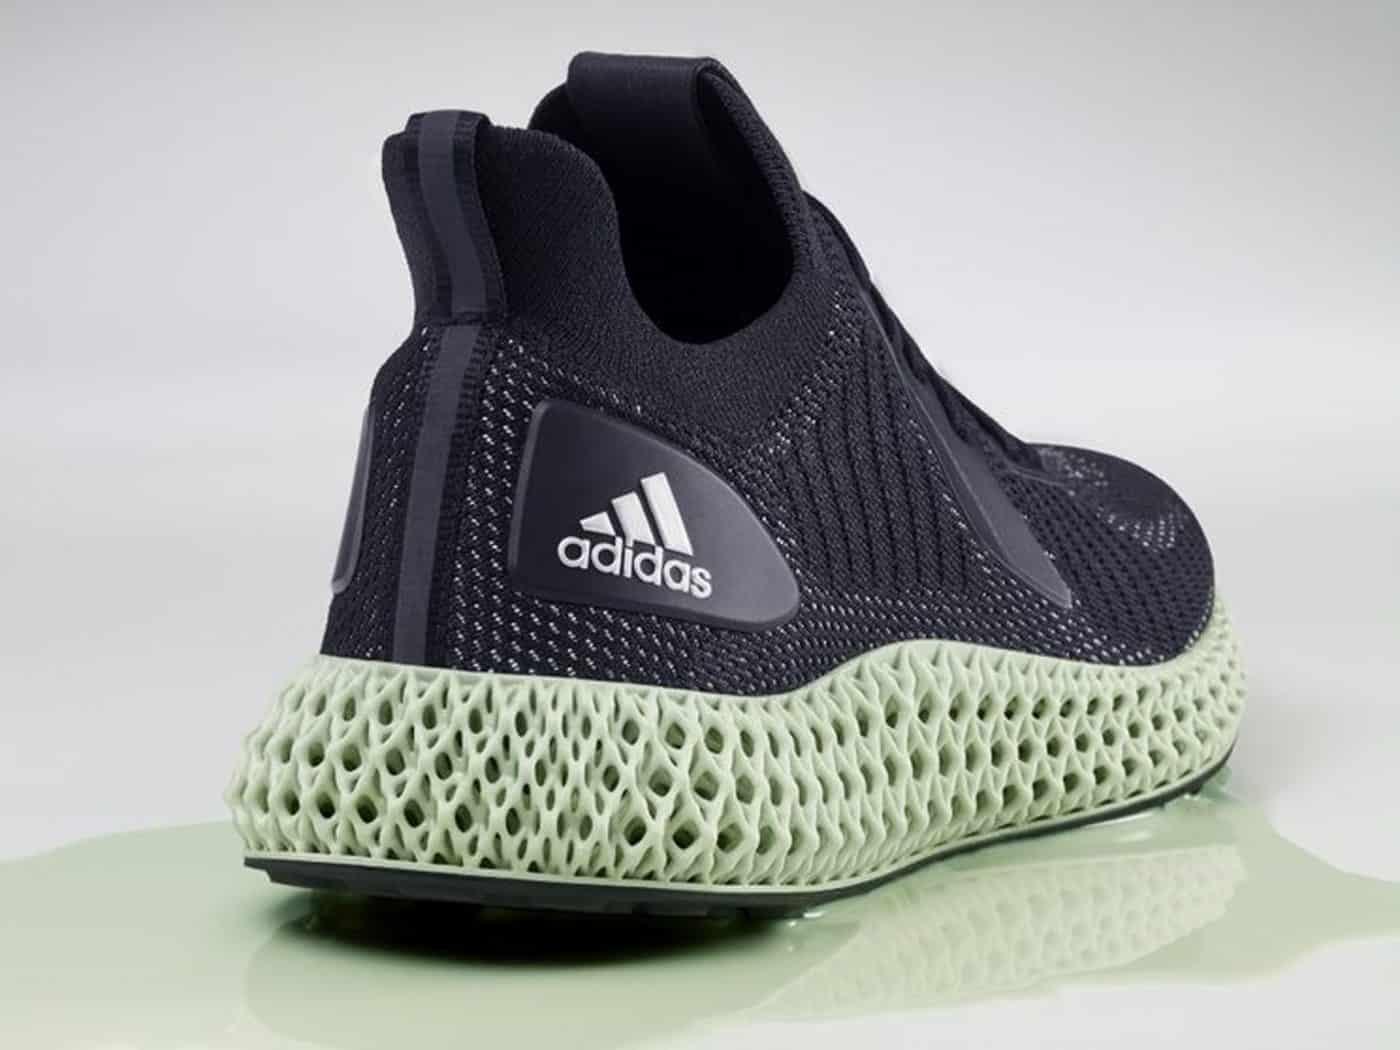 adidas-alphaedge-4d-fw19-running-runpack-1